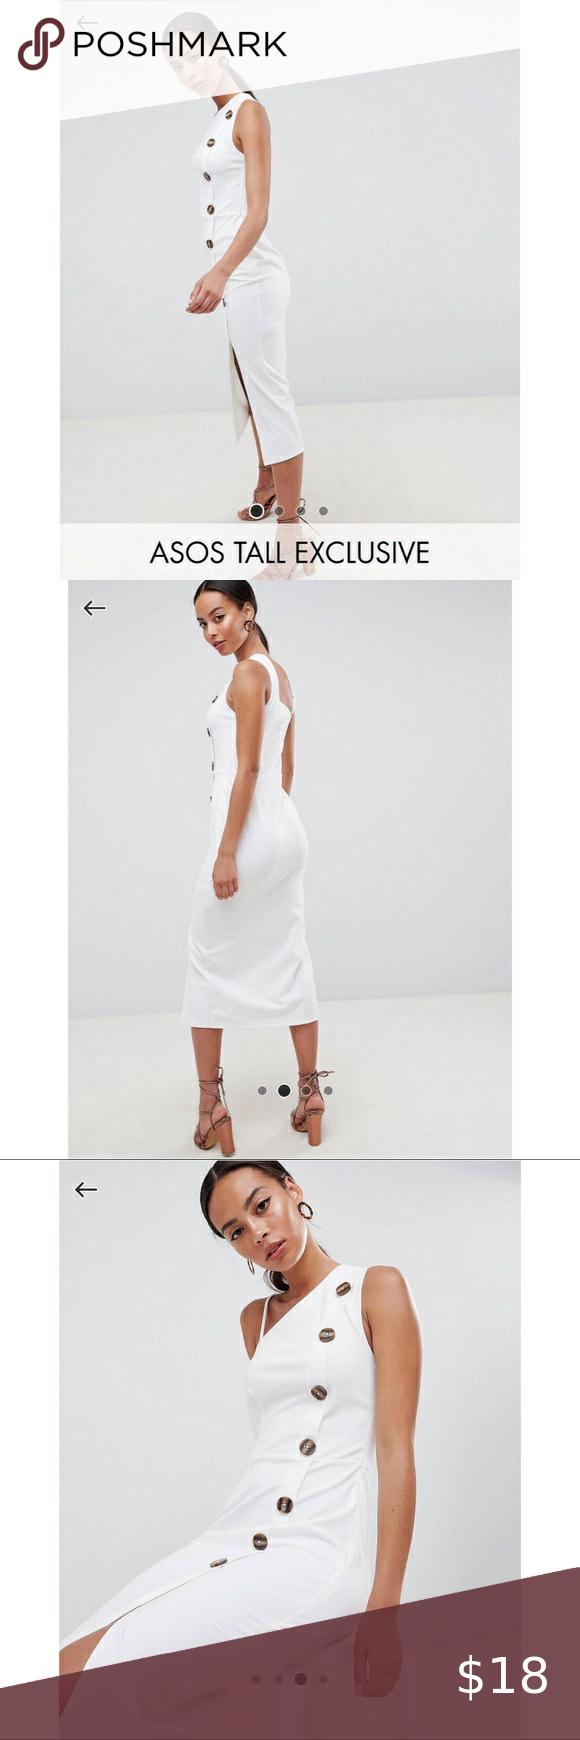 Asos Tall White Dress Size 16 White Dress Size 16 Size 16 Dresses White Dress [ 1740 x 580 Pixel ]